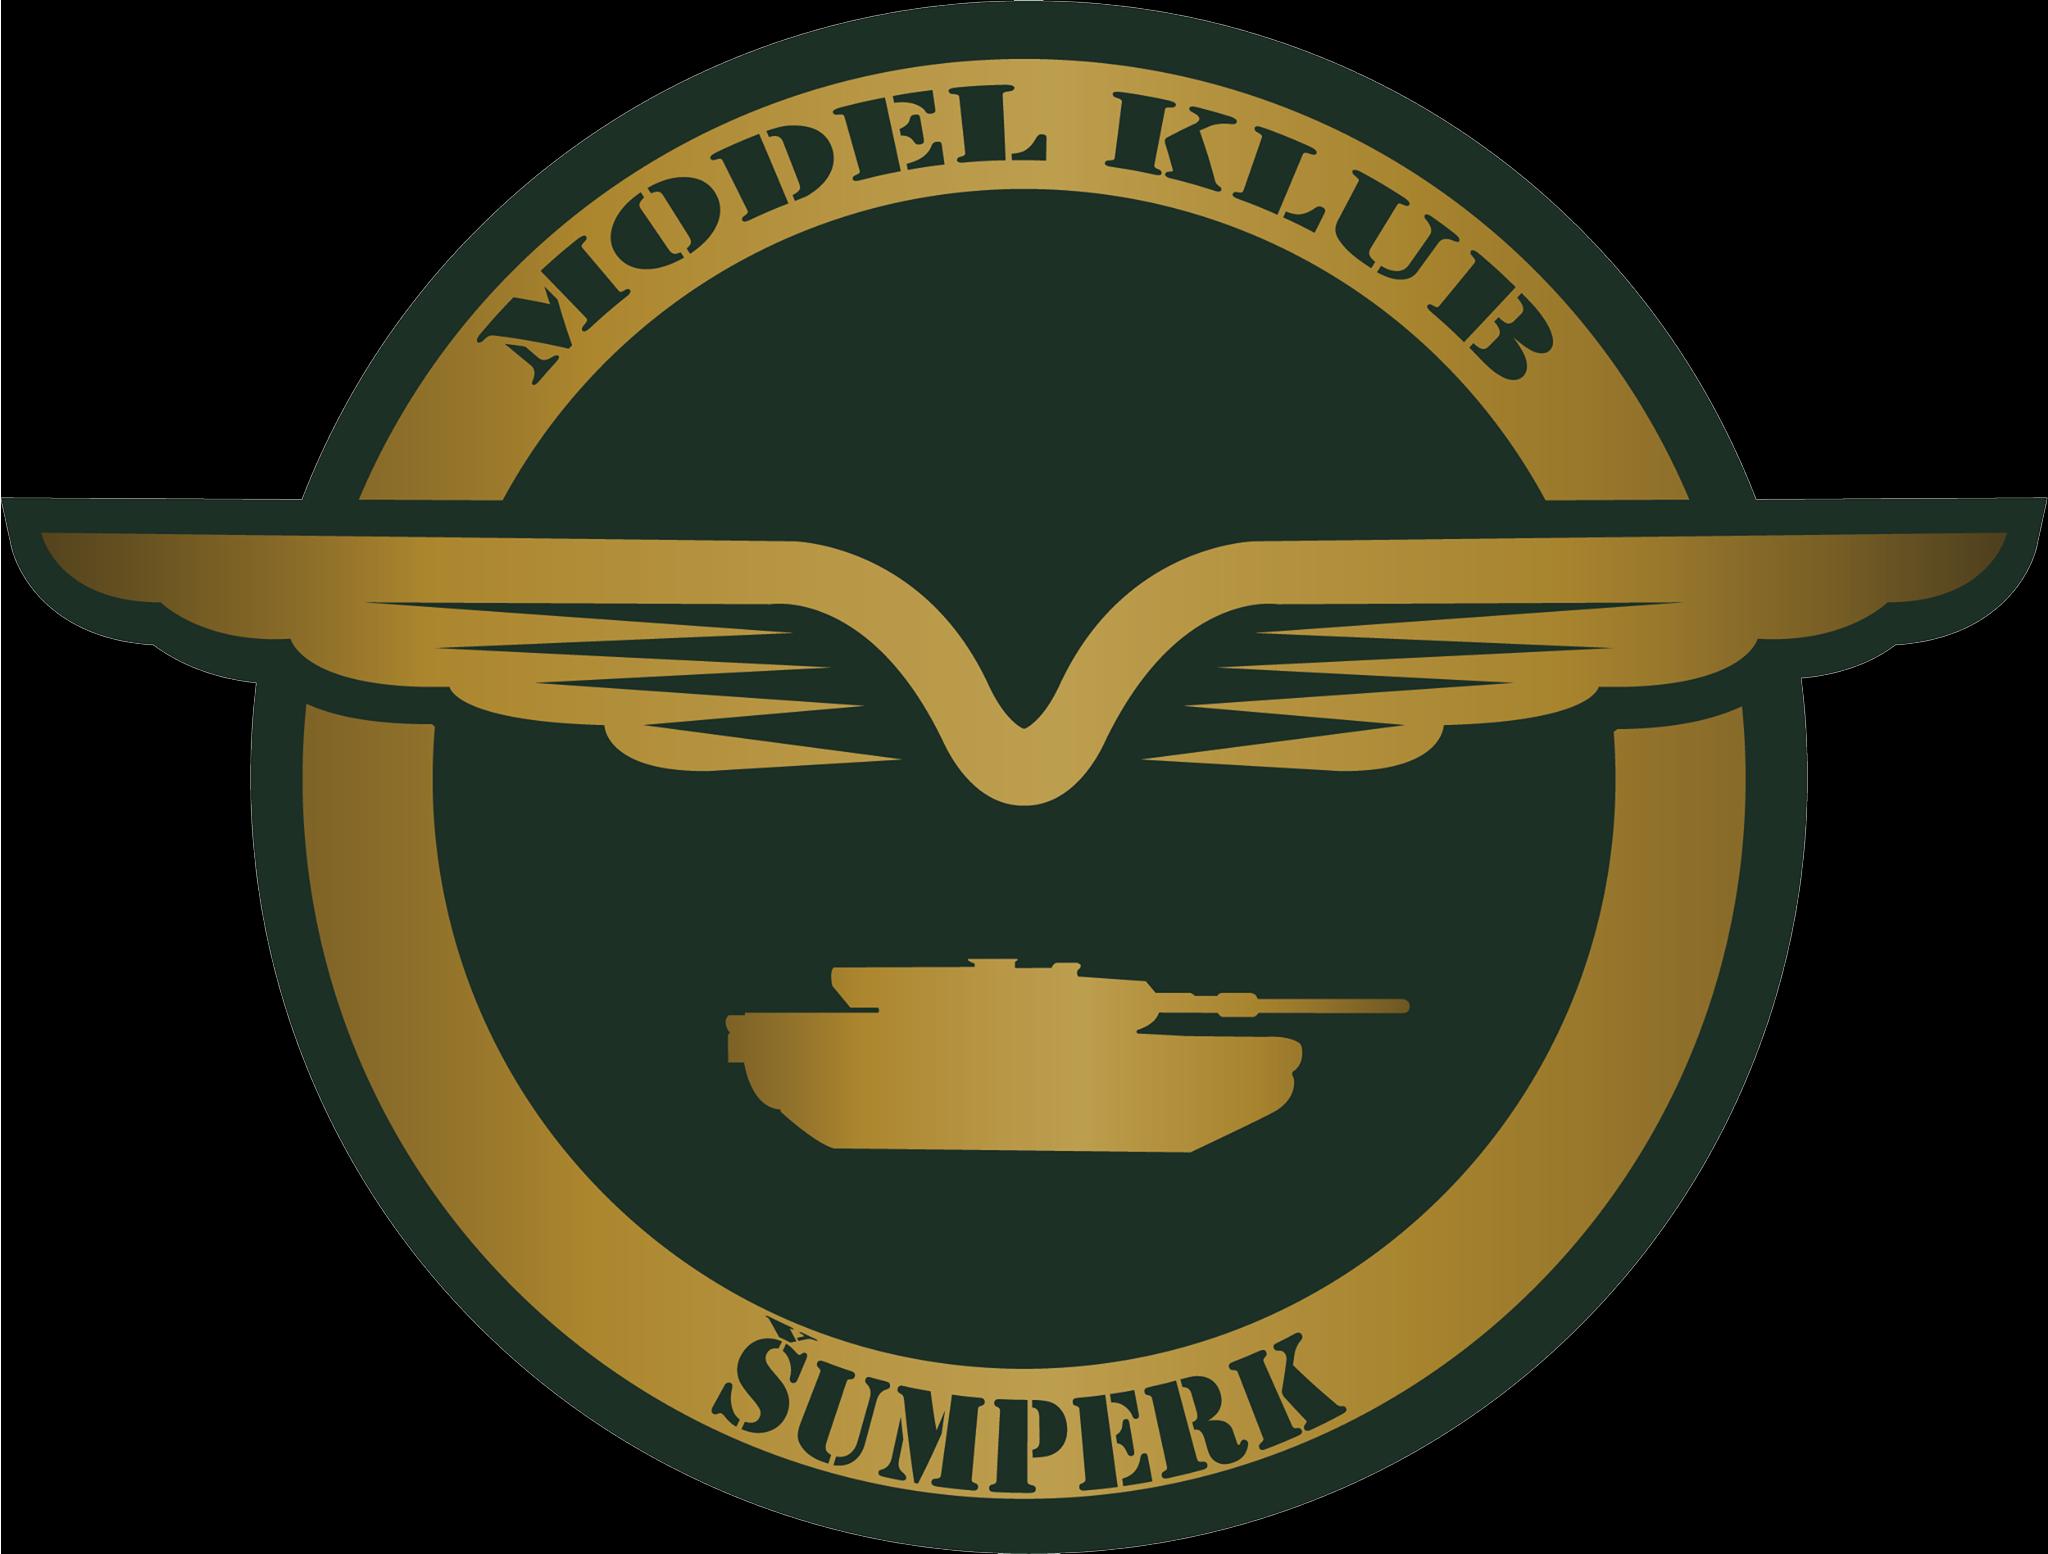 Model klub Šumperk